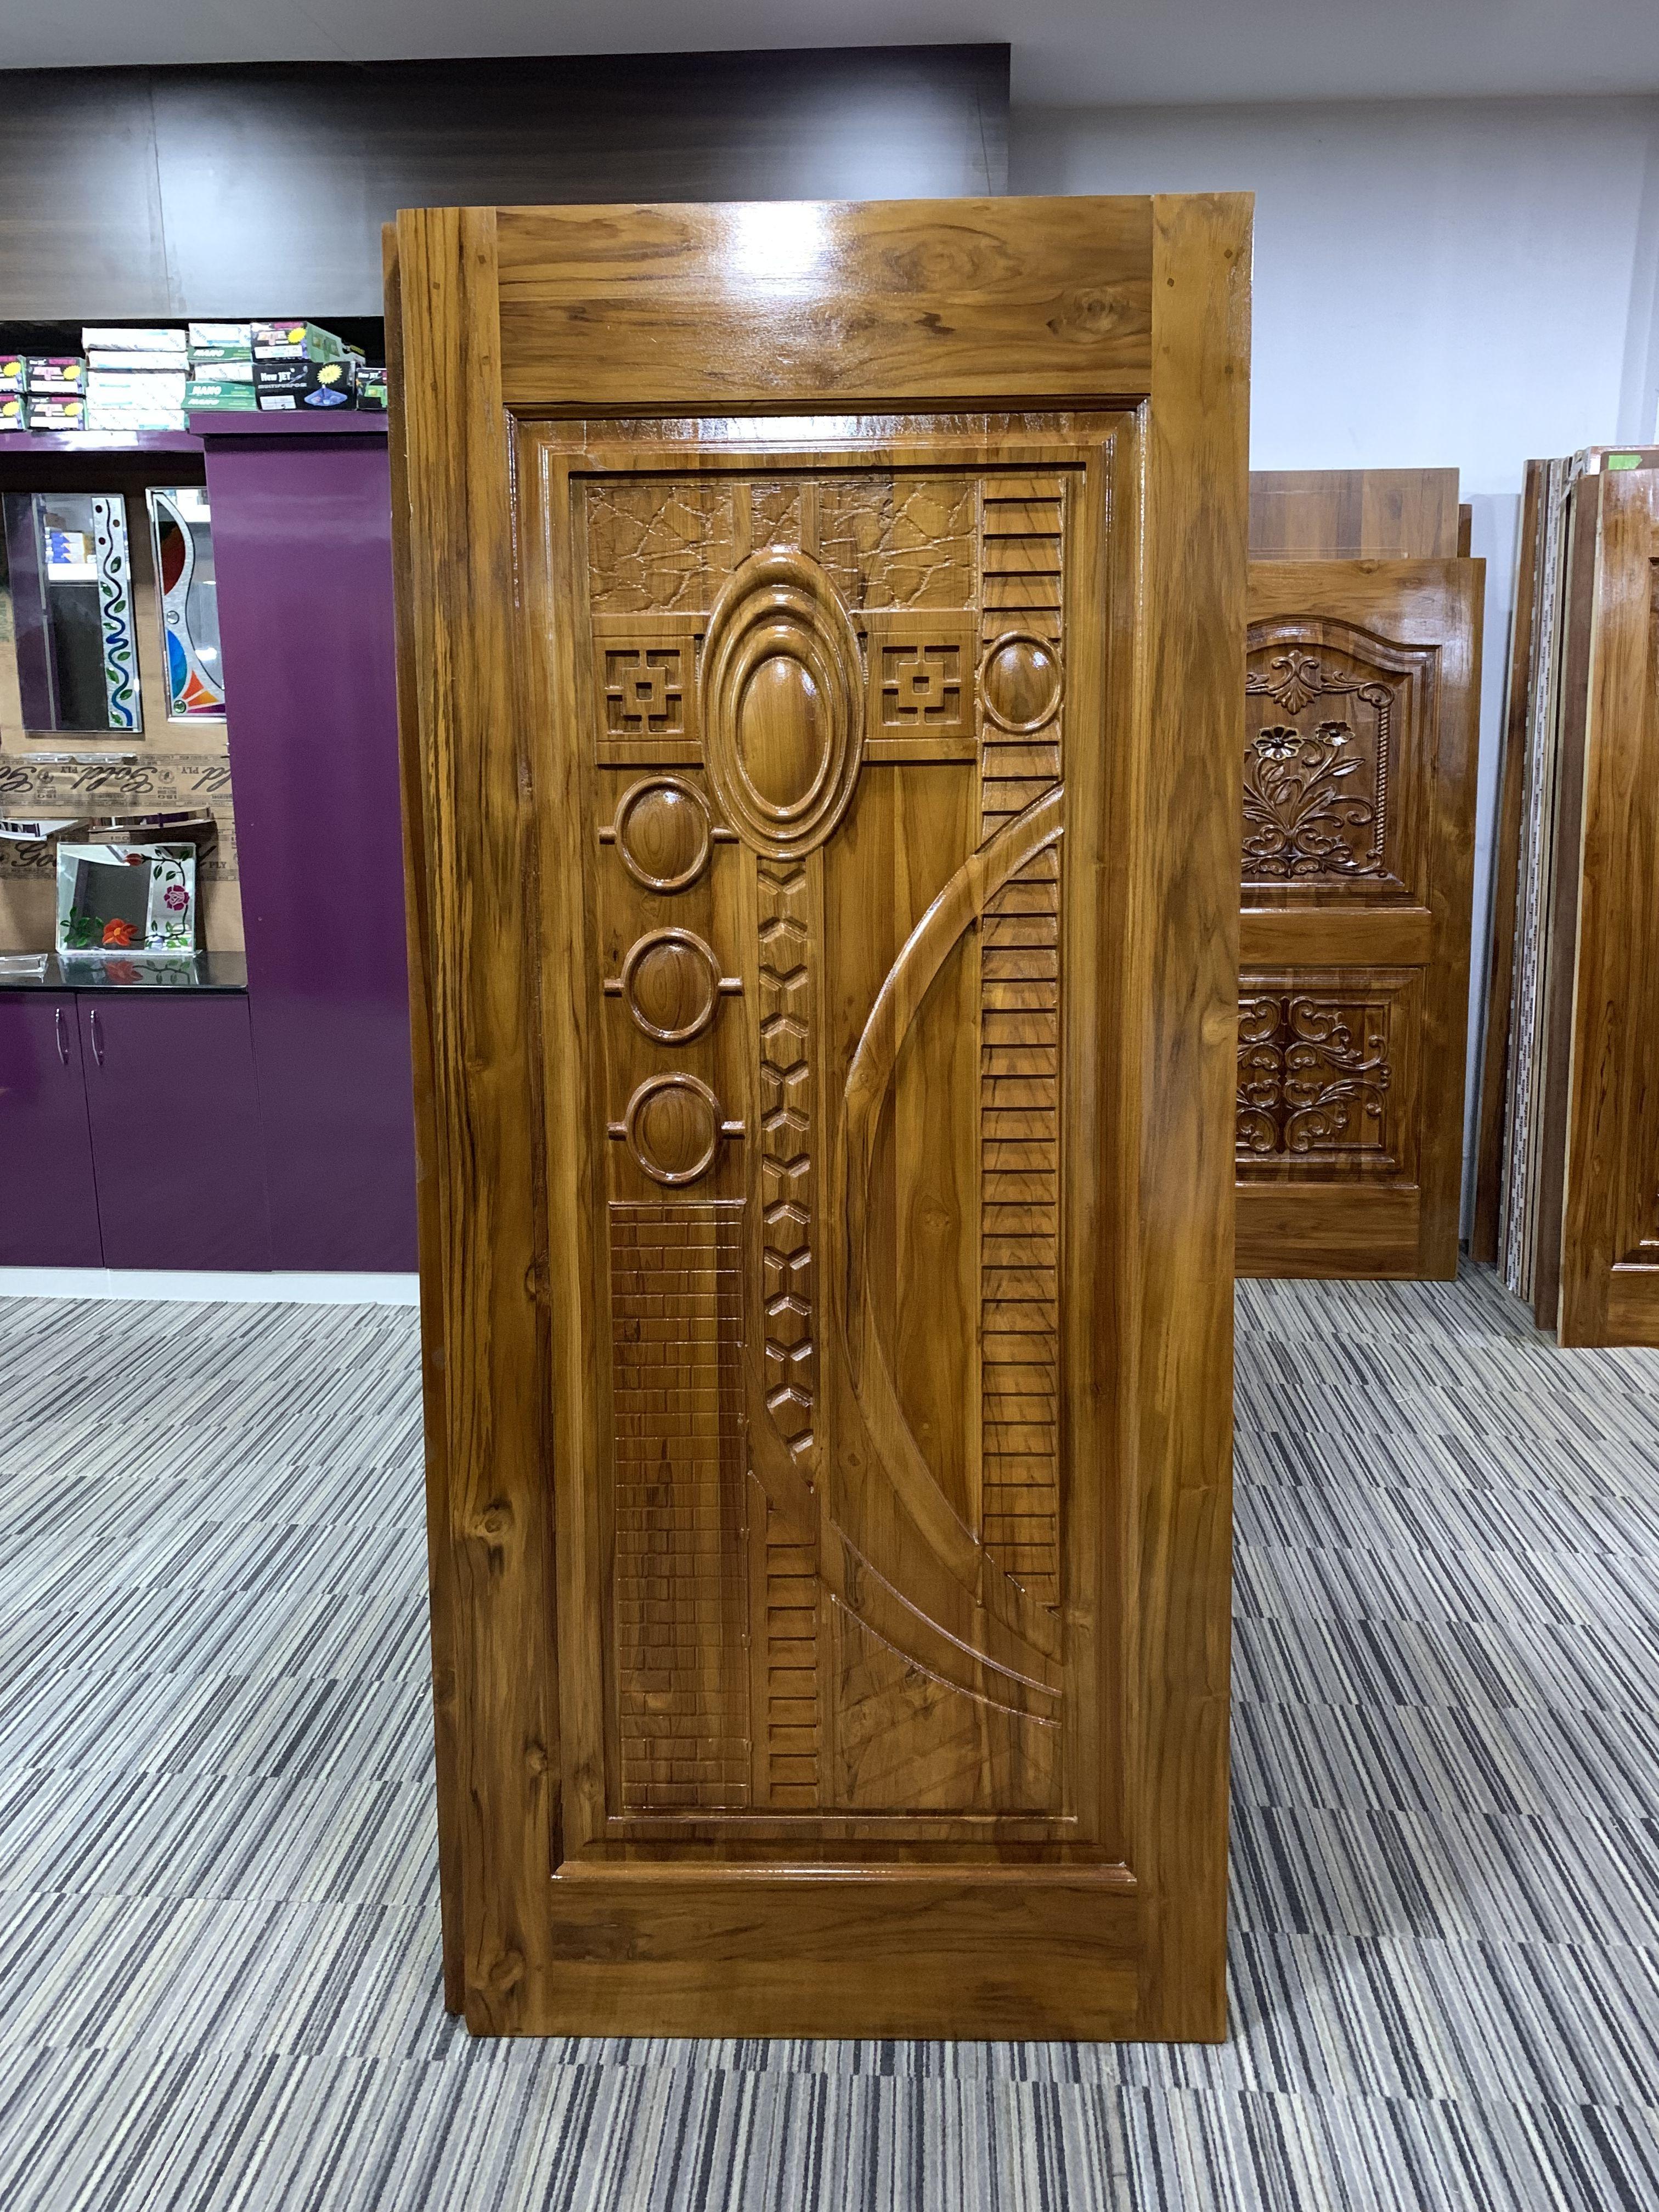 Classical Wooden Single Door Designs For Room: Wooden Main Door Design By Virginia Hagen On Fab Refurn